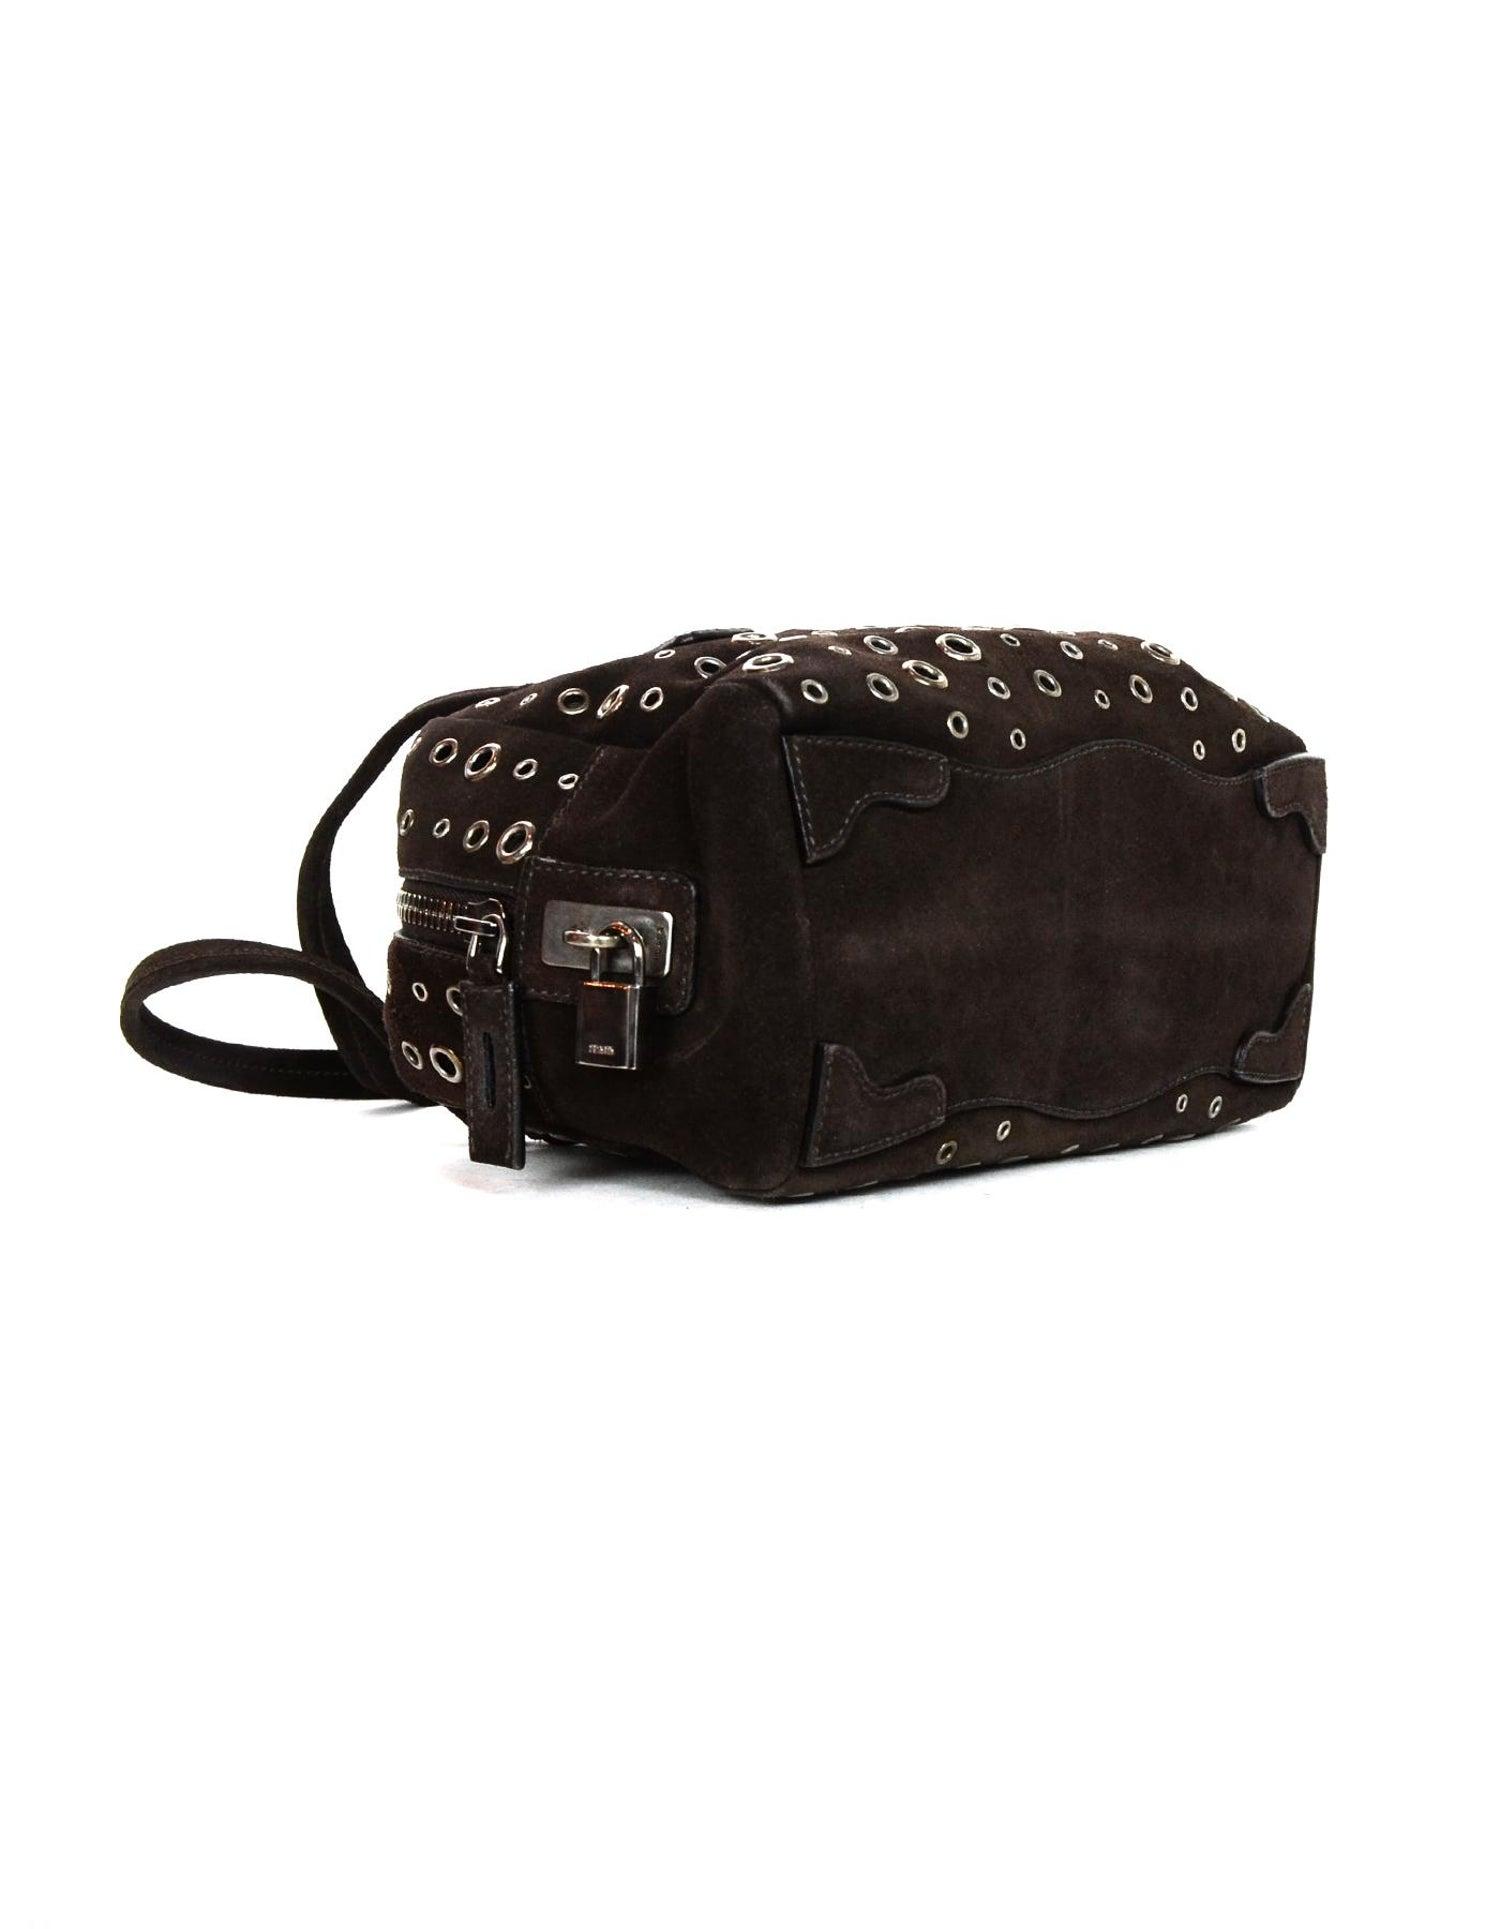 68230c5df452 Prada Brown Suede Grommet Zip Top Handle Bag For Sale at 1stdibs